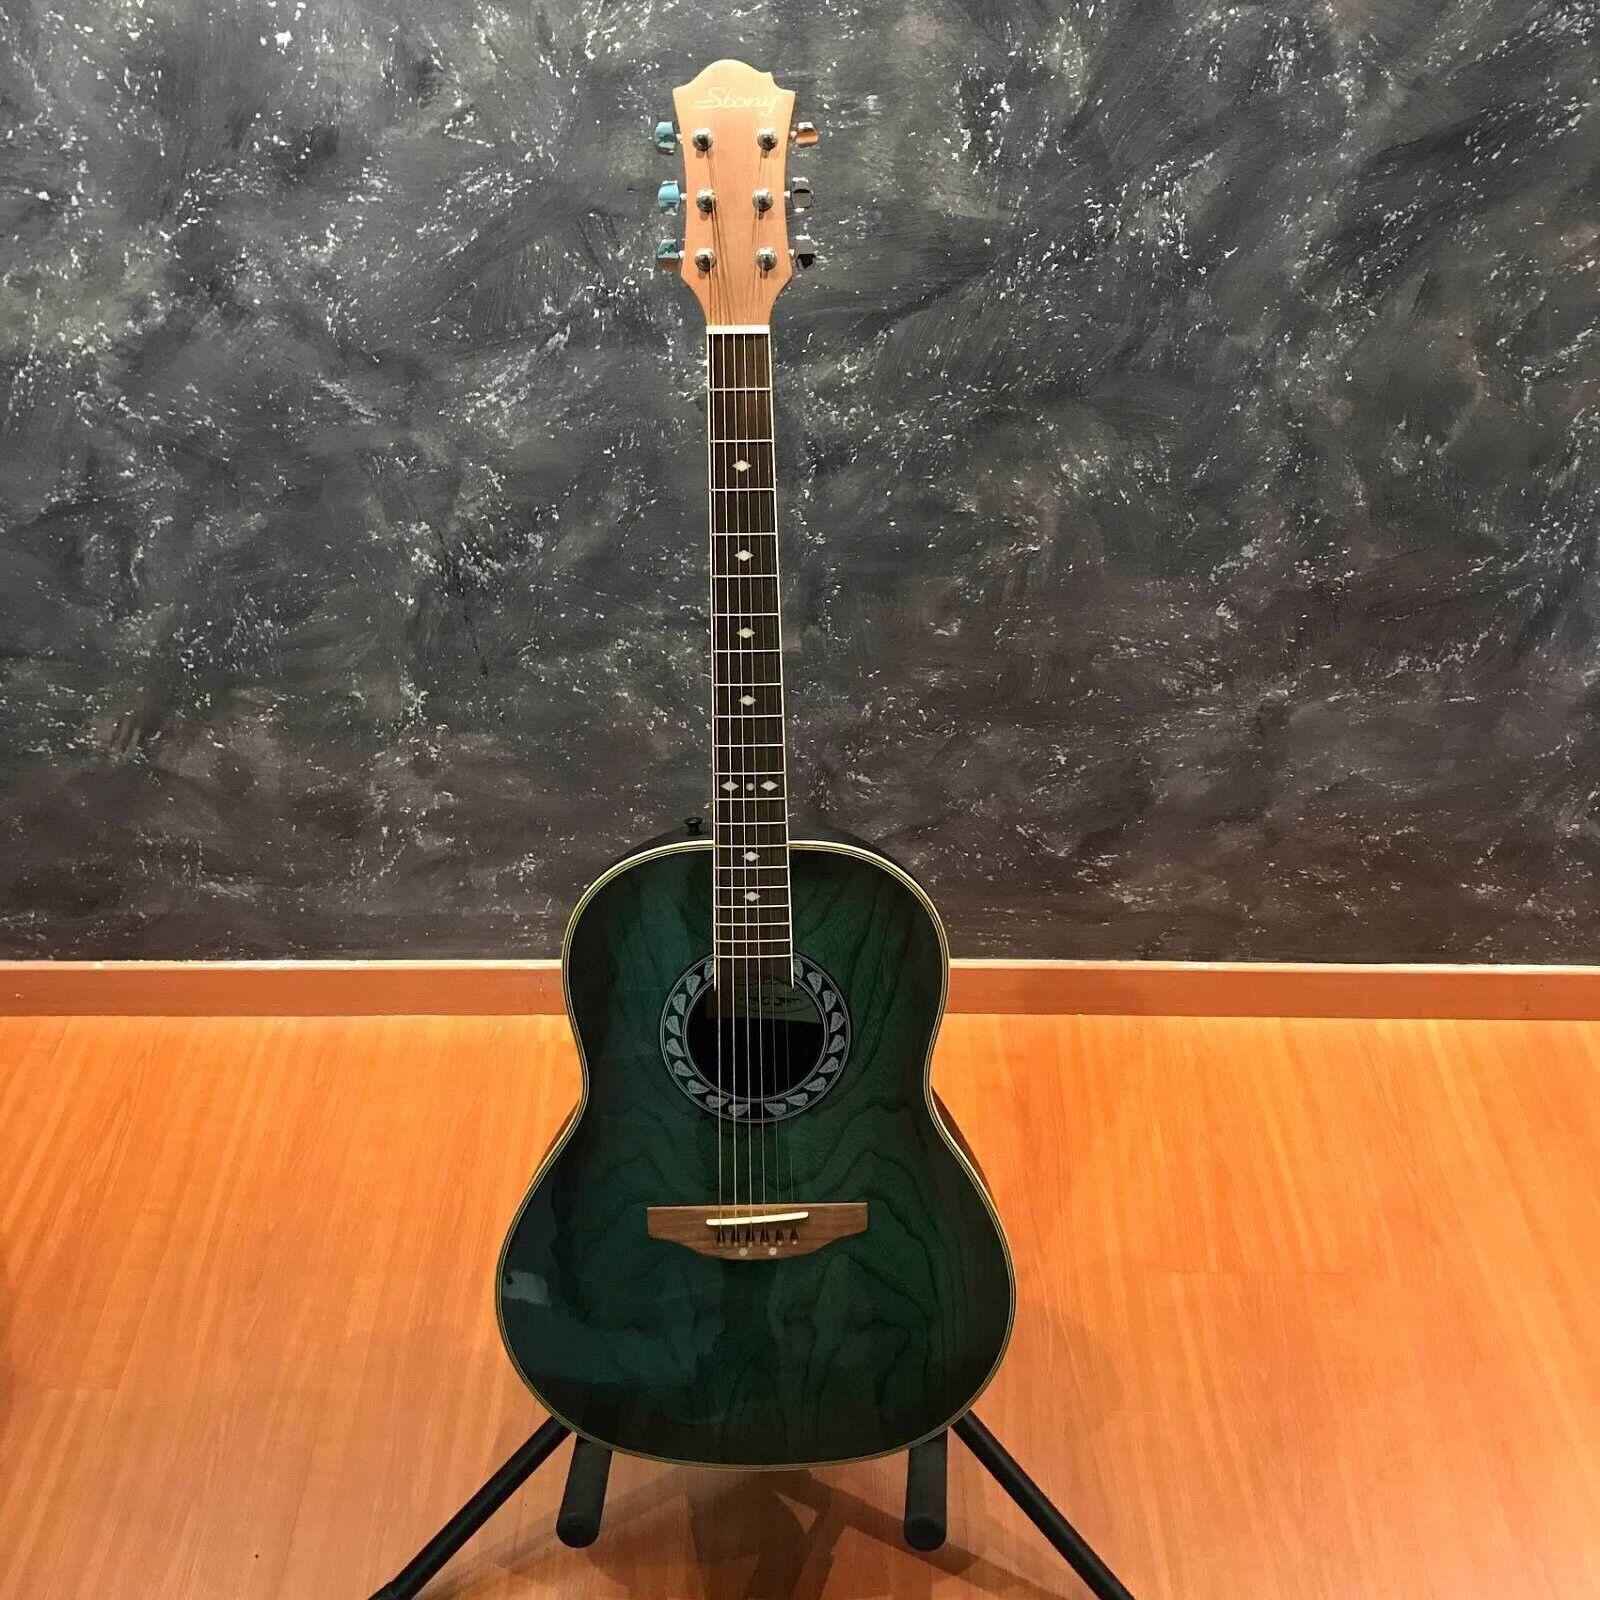 Stony HRB50 Grün Acoustic Guitar